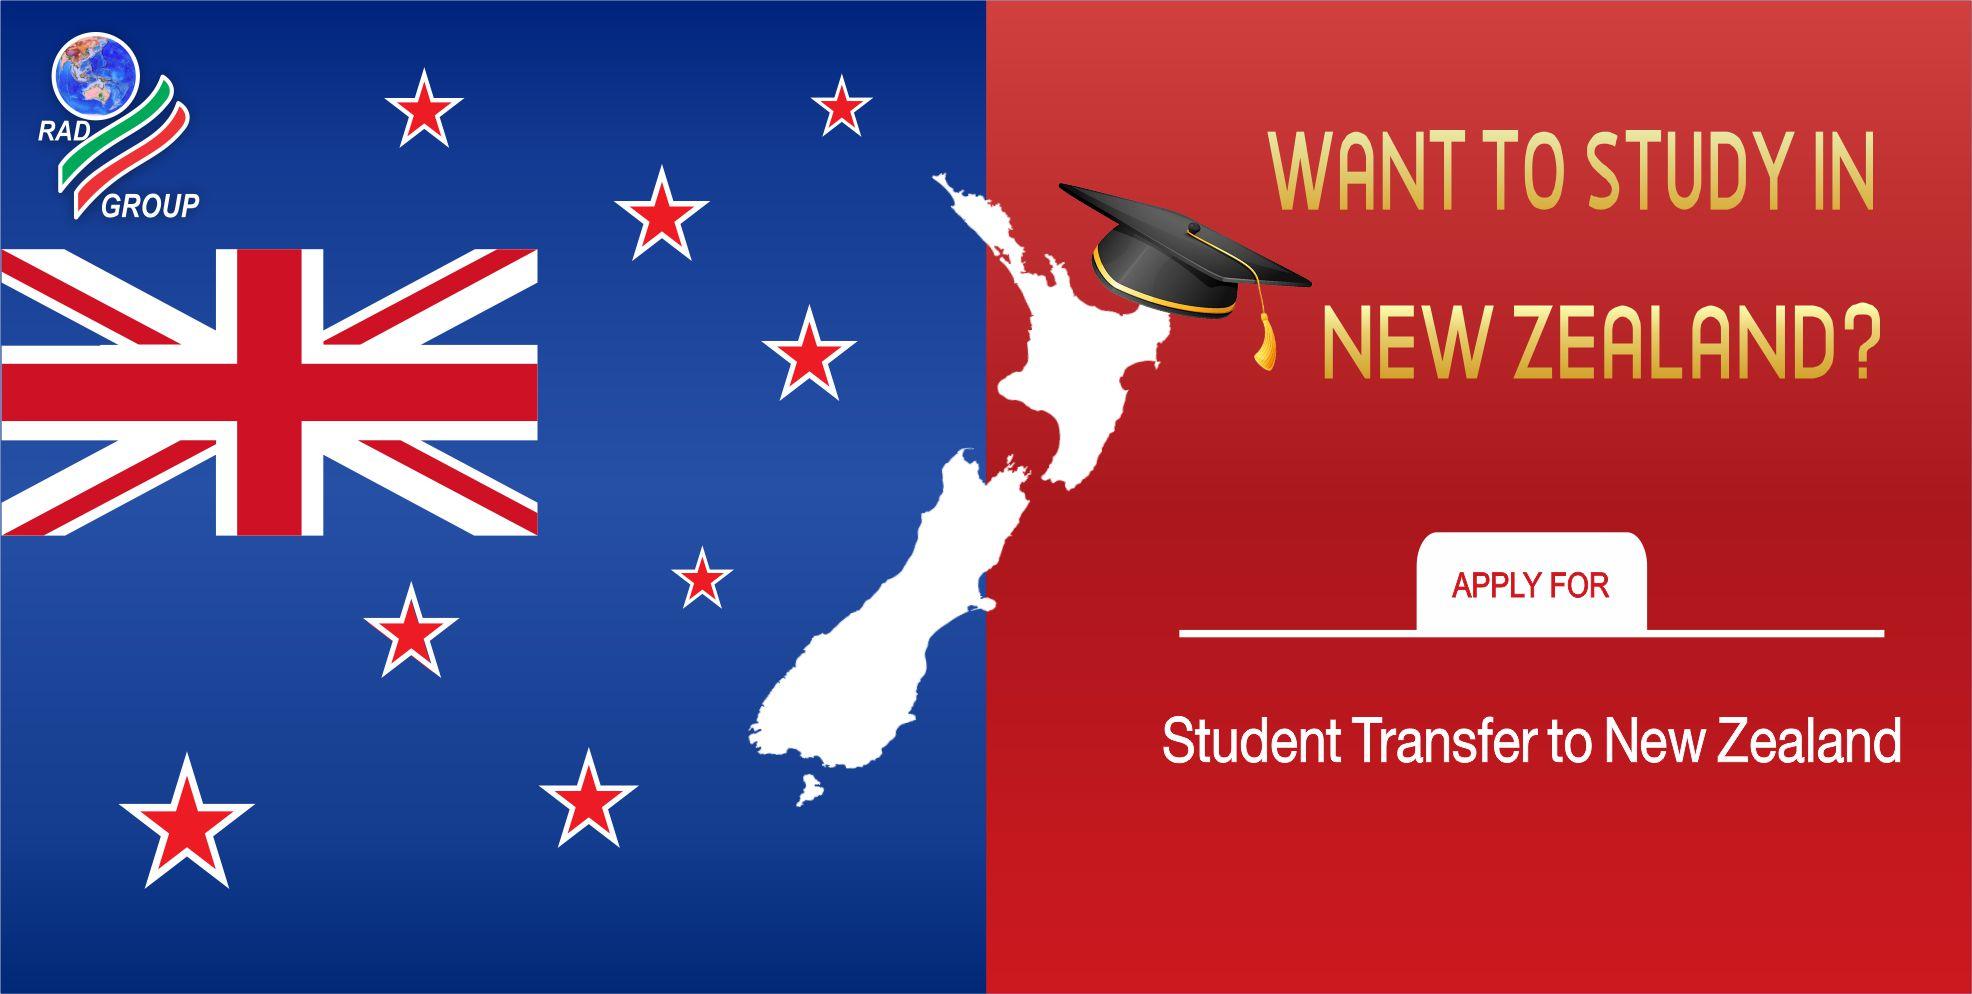 اعزام دانشجو به کشور نیوزیلند